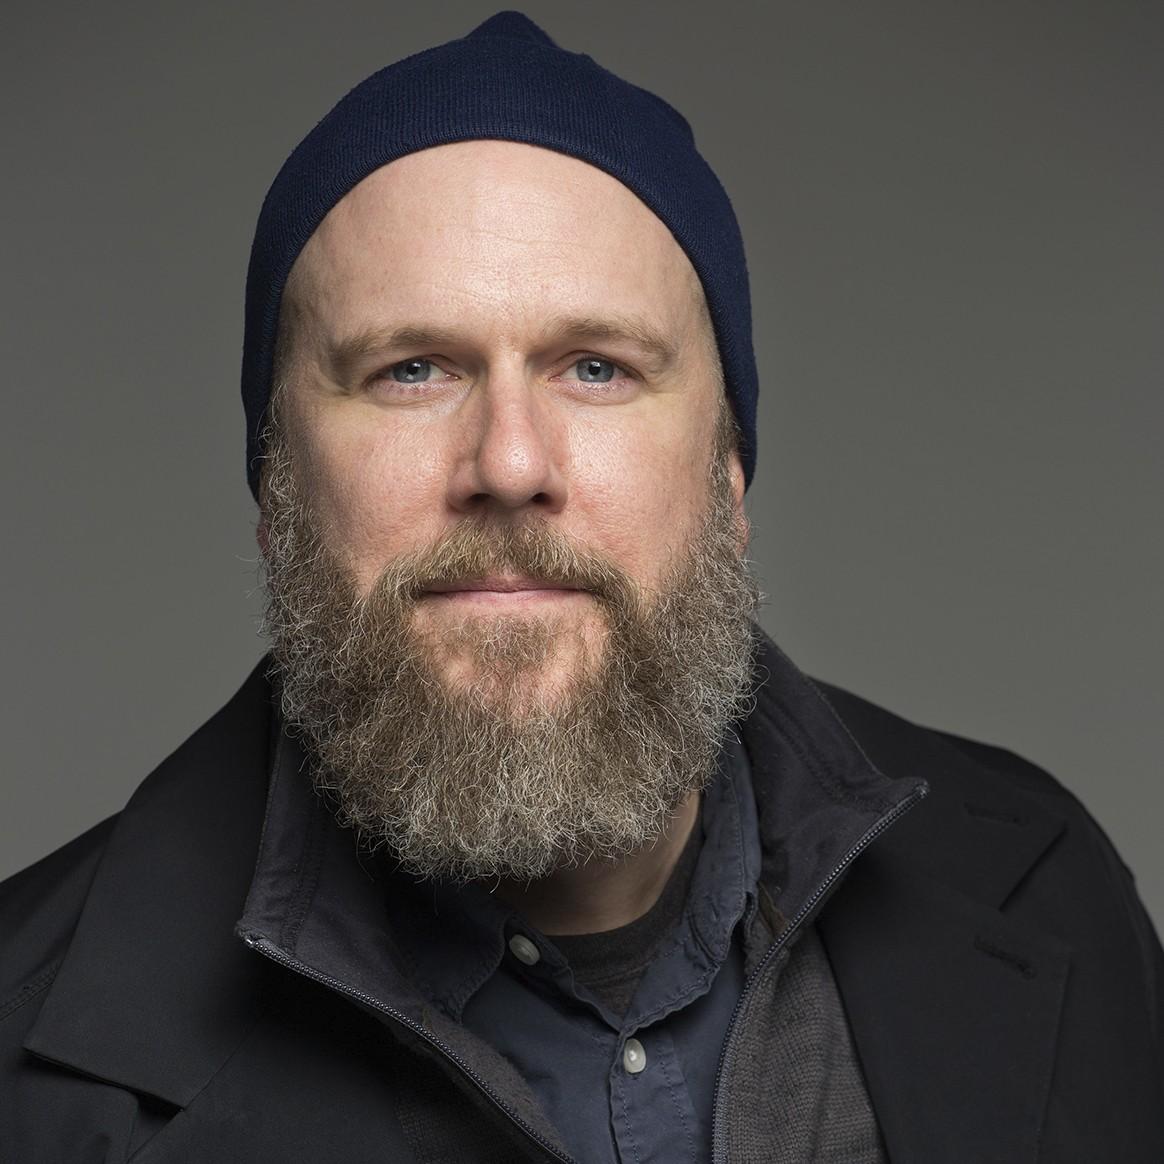 Headshot of Penn State Associate Professor of Art Education Aaron Knochel